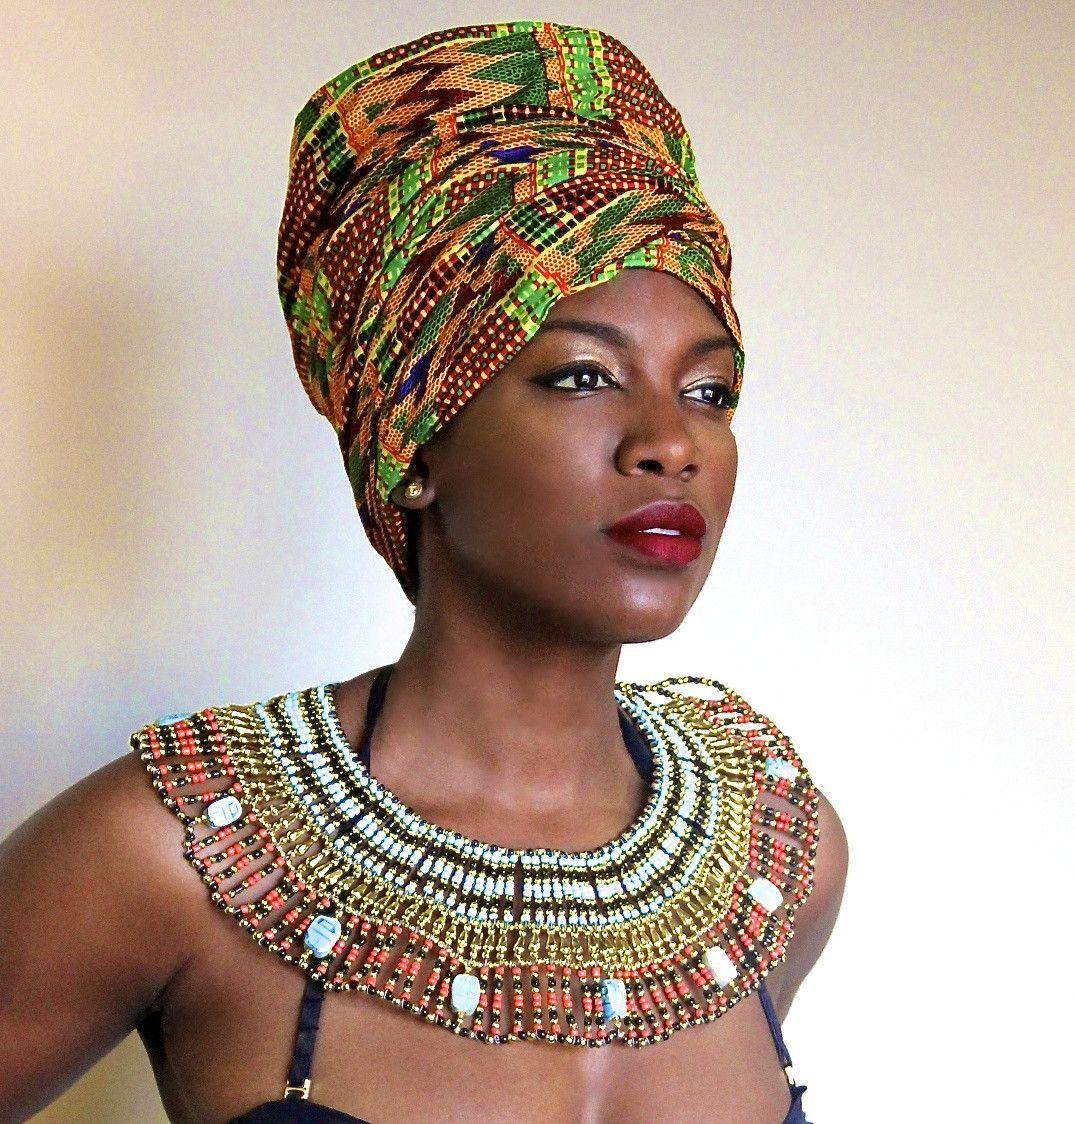 красивые африканские костюмы фото еще вас останется